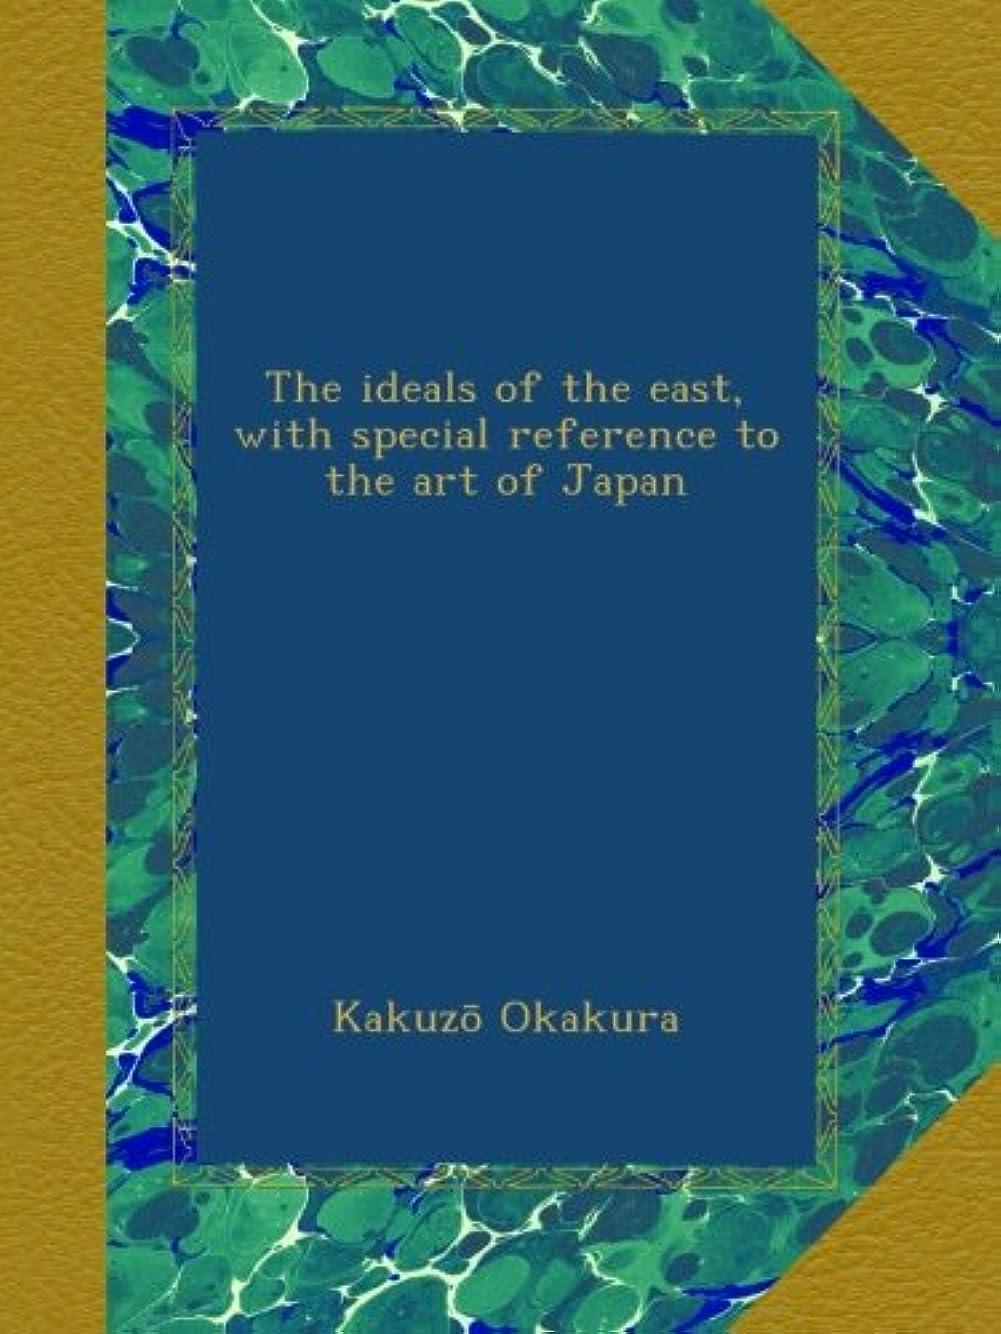 覚えている微視的帰るThe ideals of the east, with special reference to the art of Japan